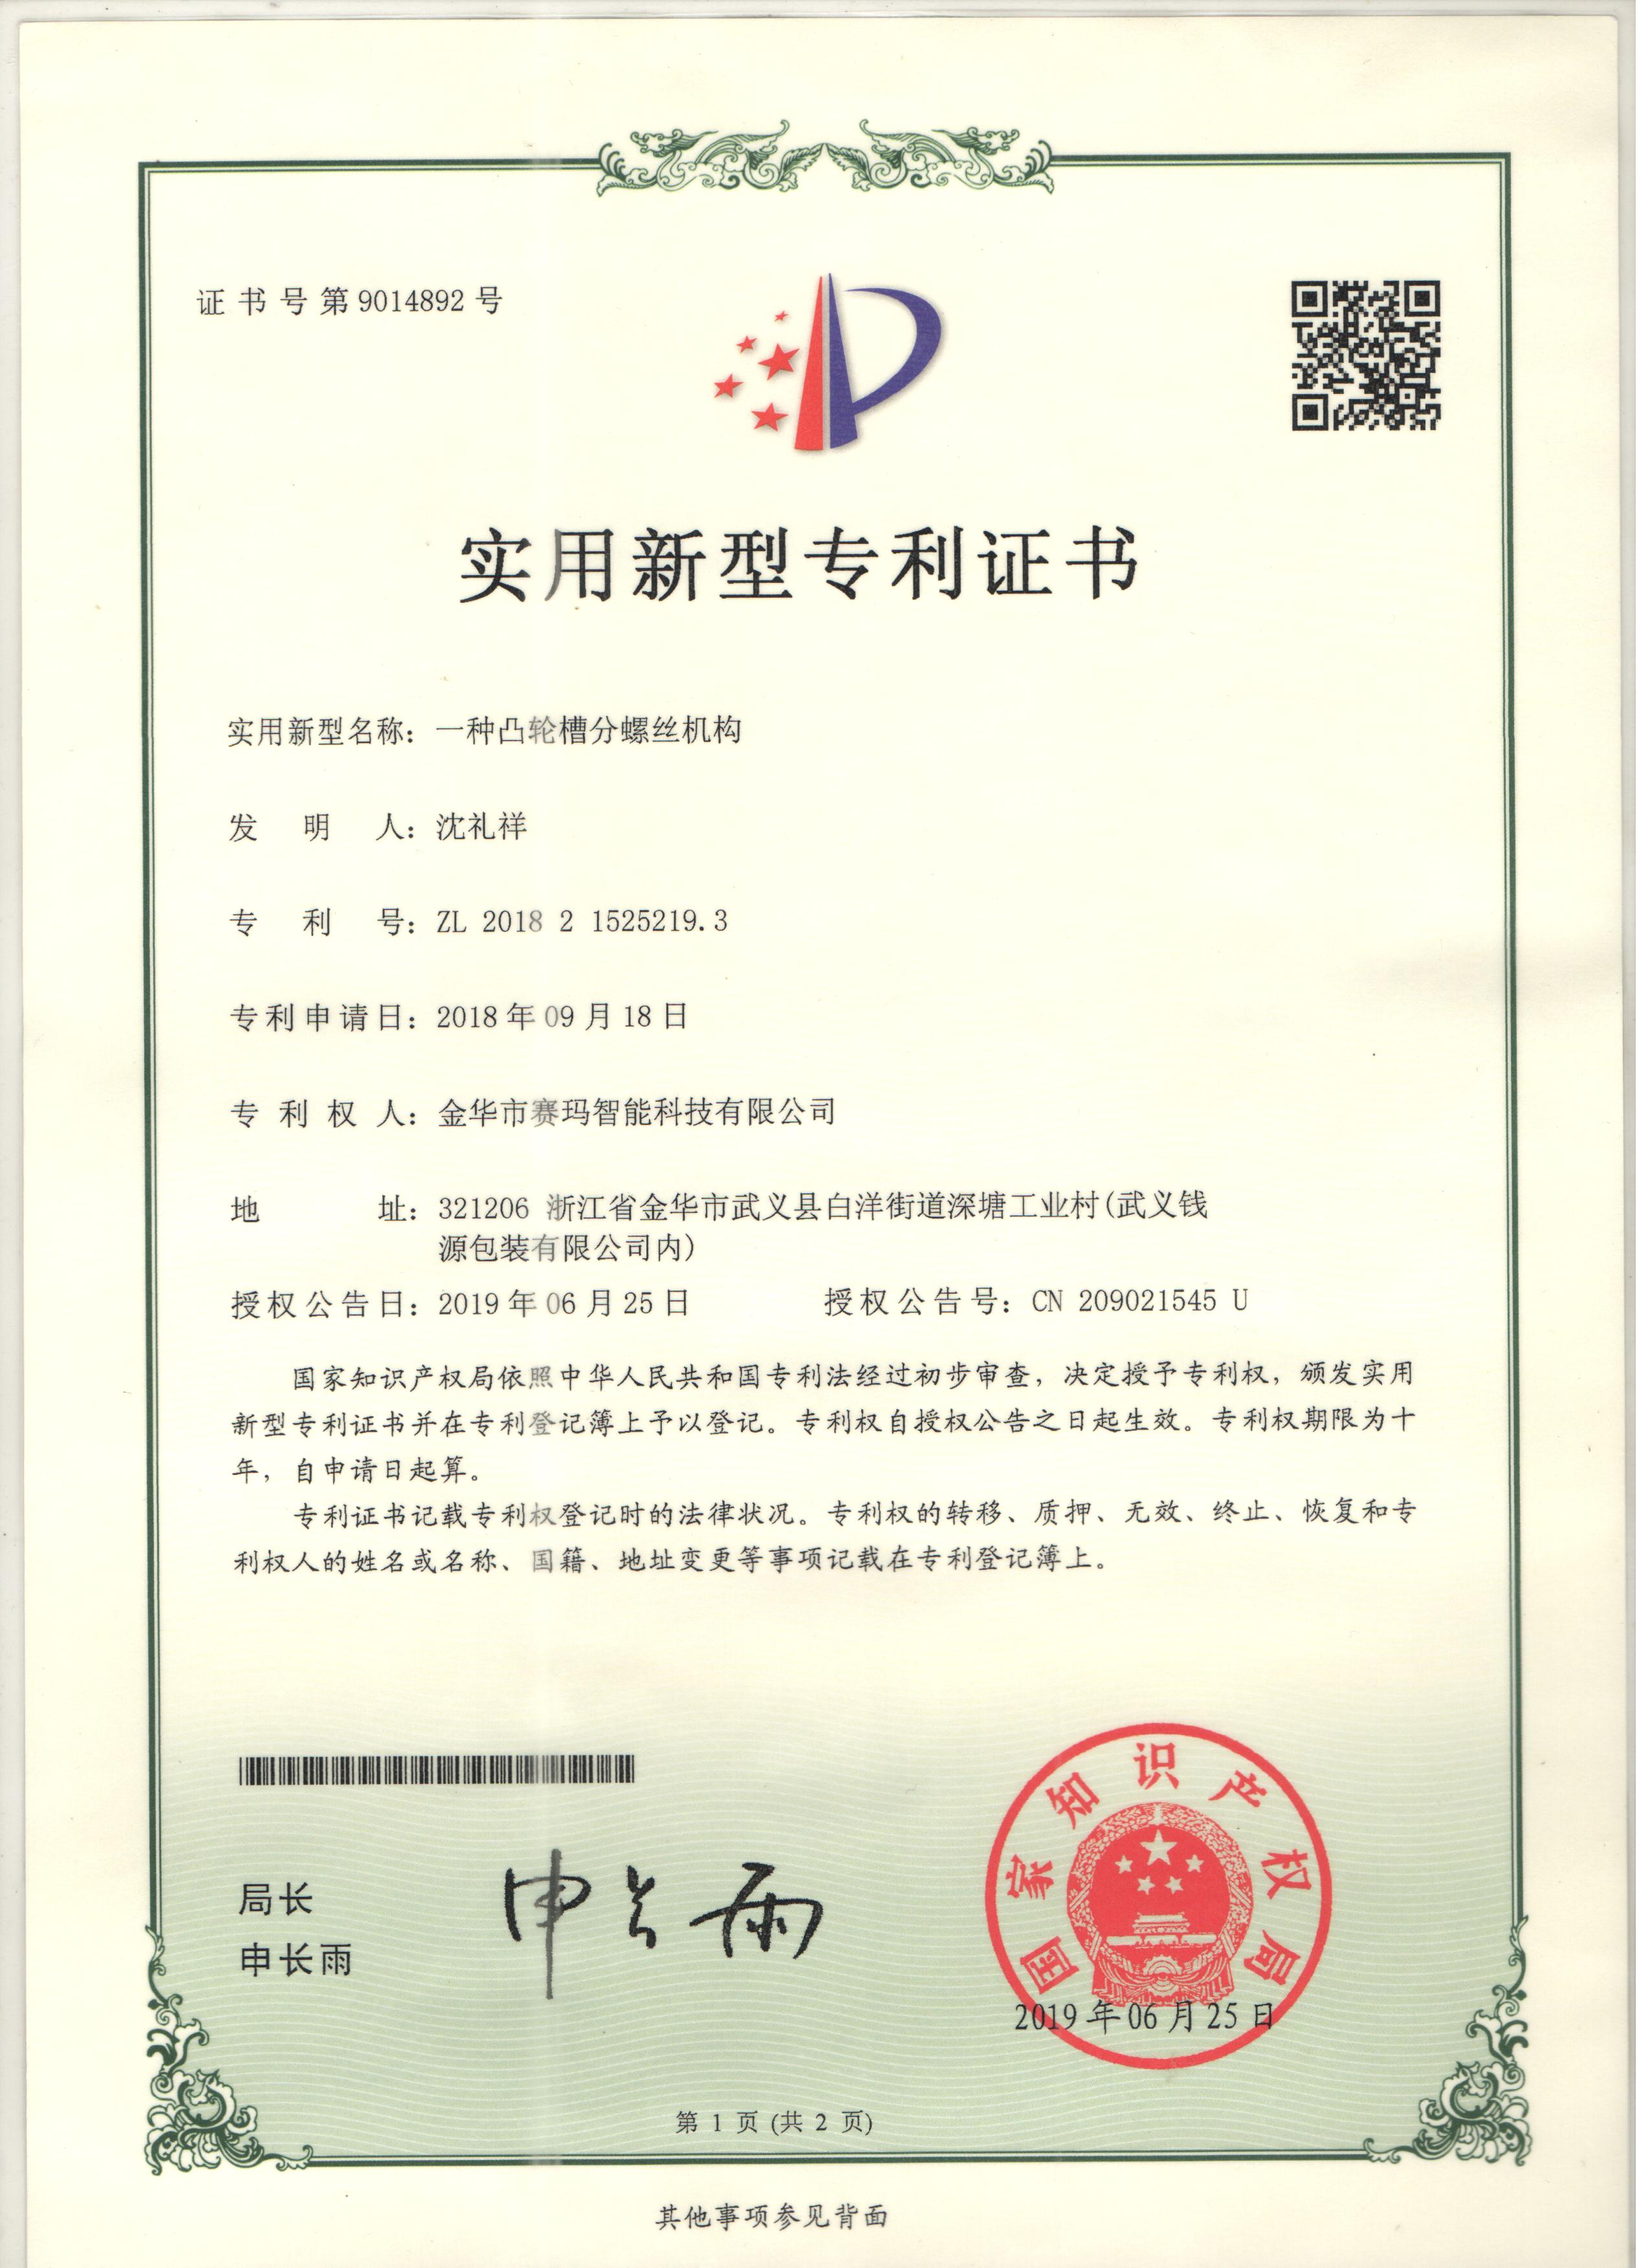 伺服压力机外观设计专利证书